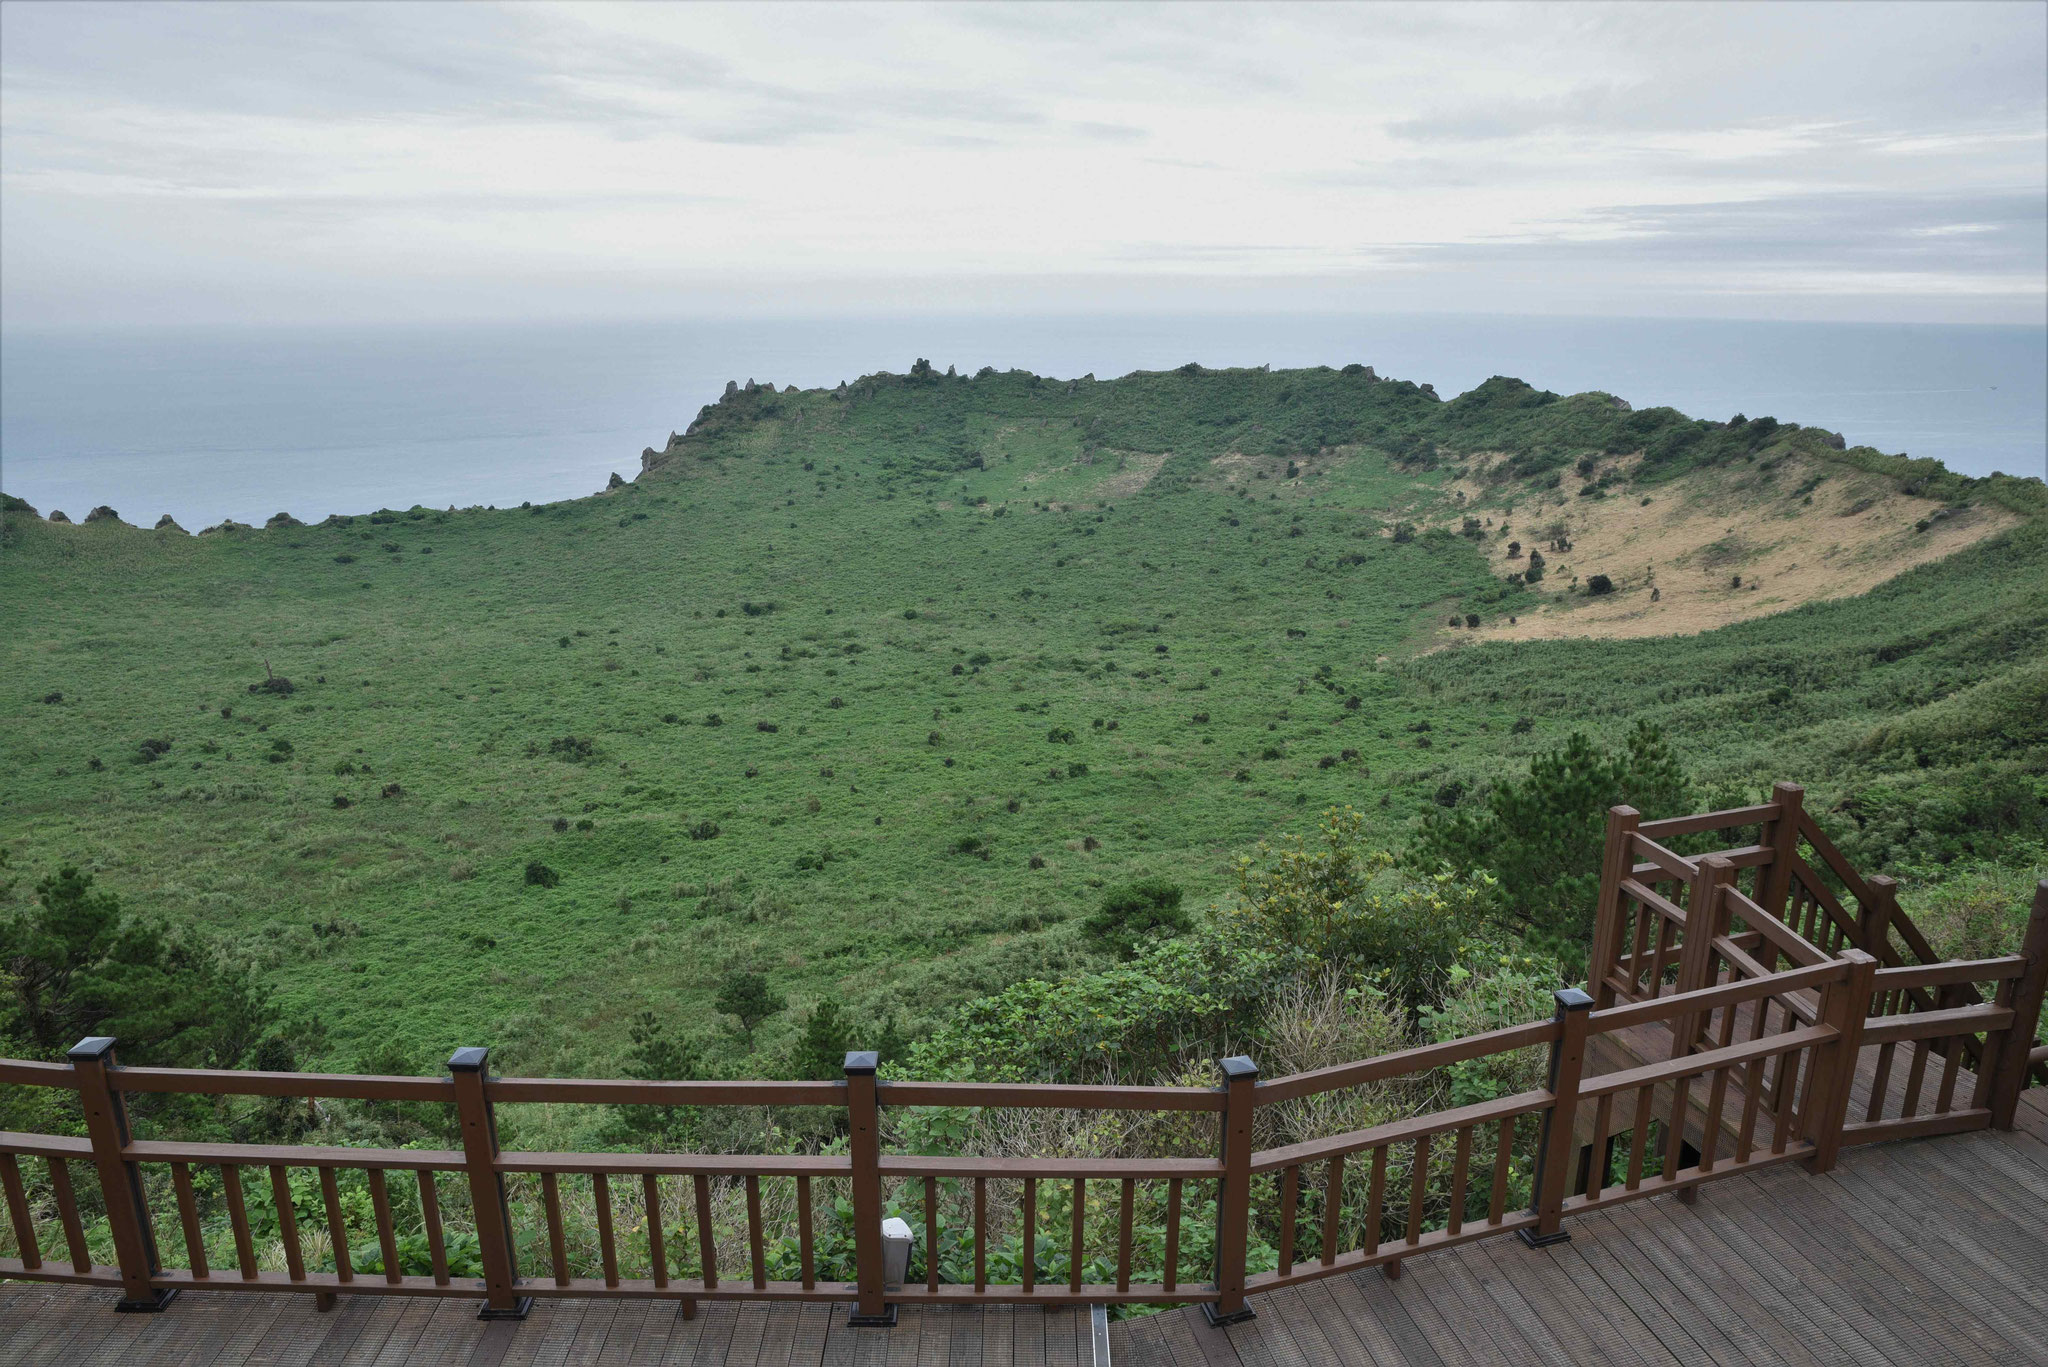 Am Krater des Vulkans Ilchulbong